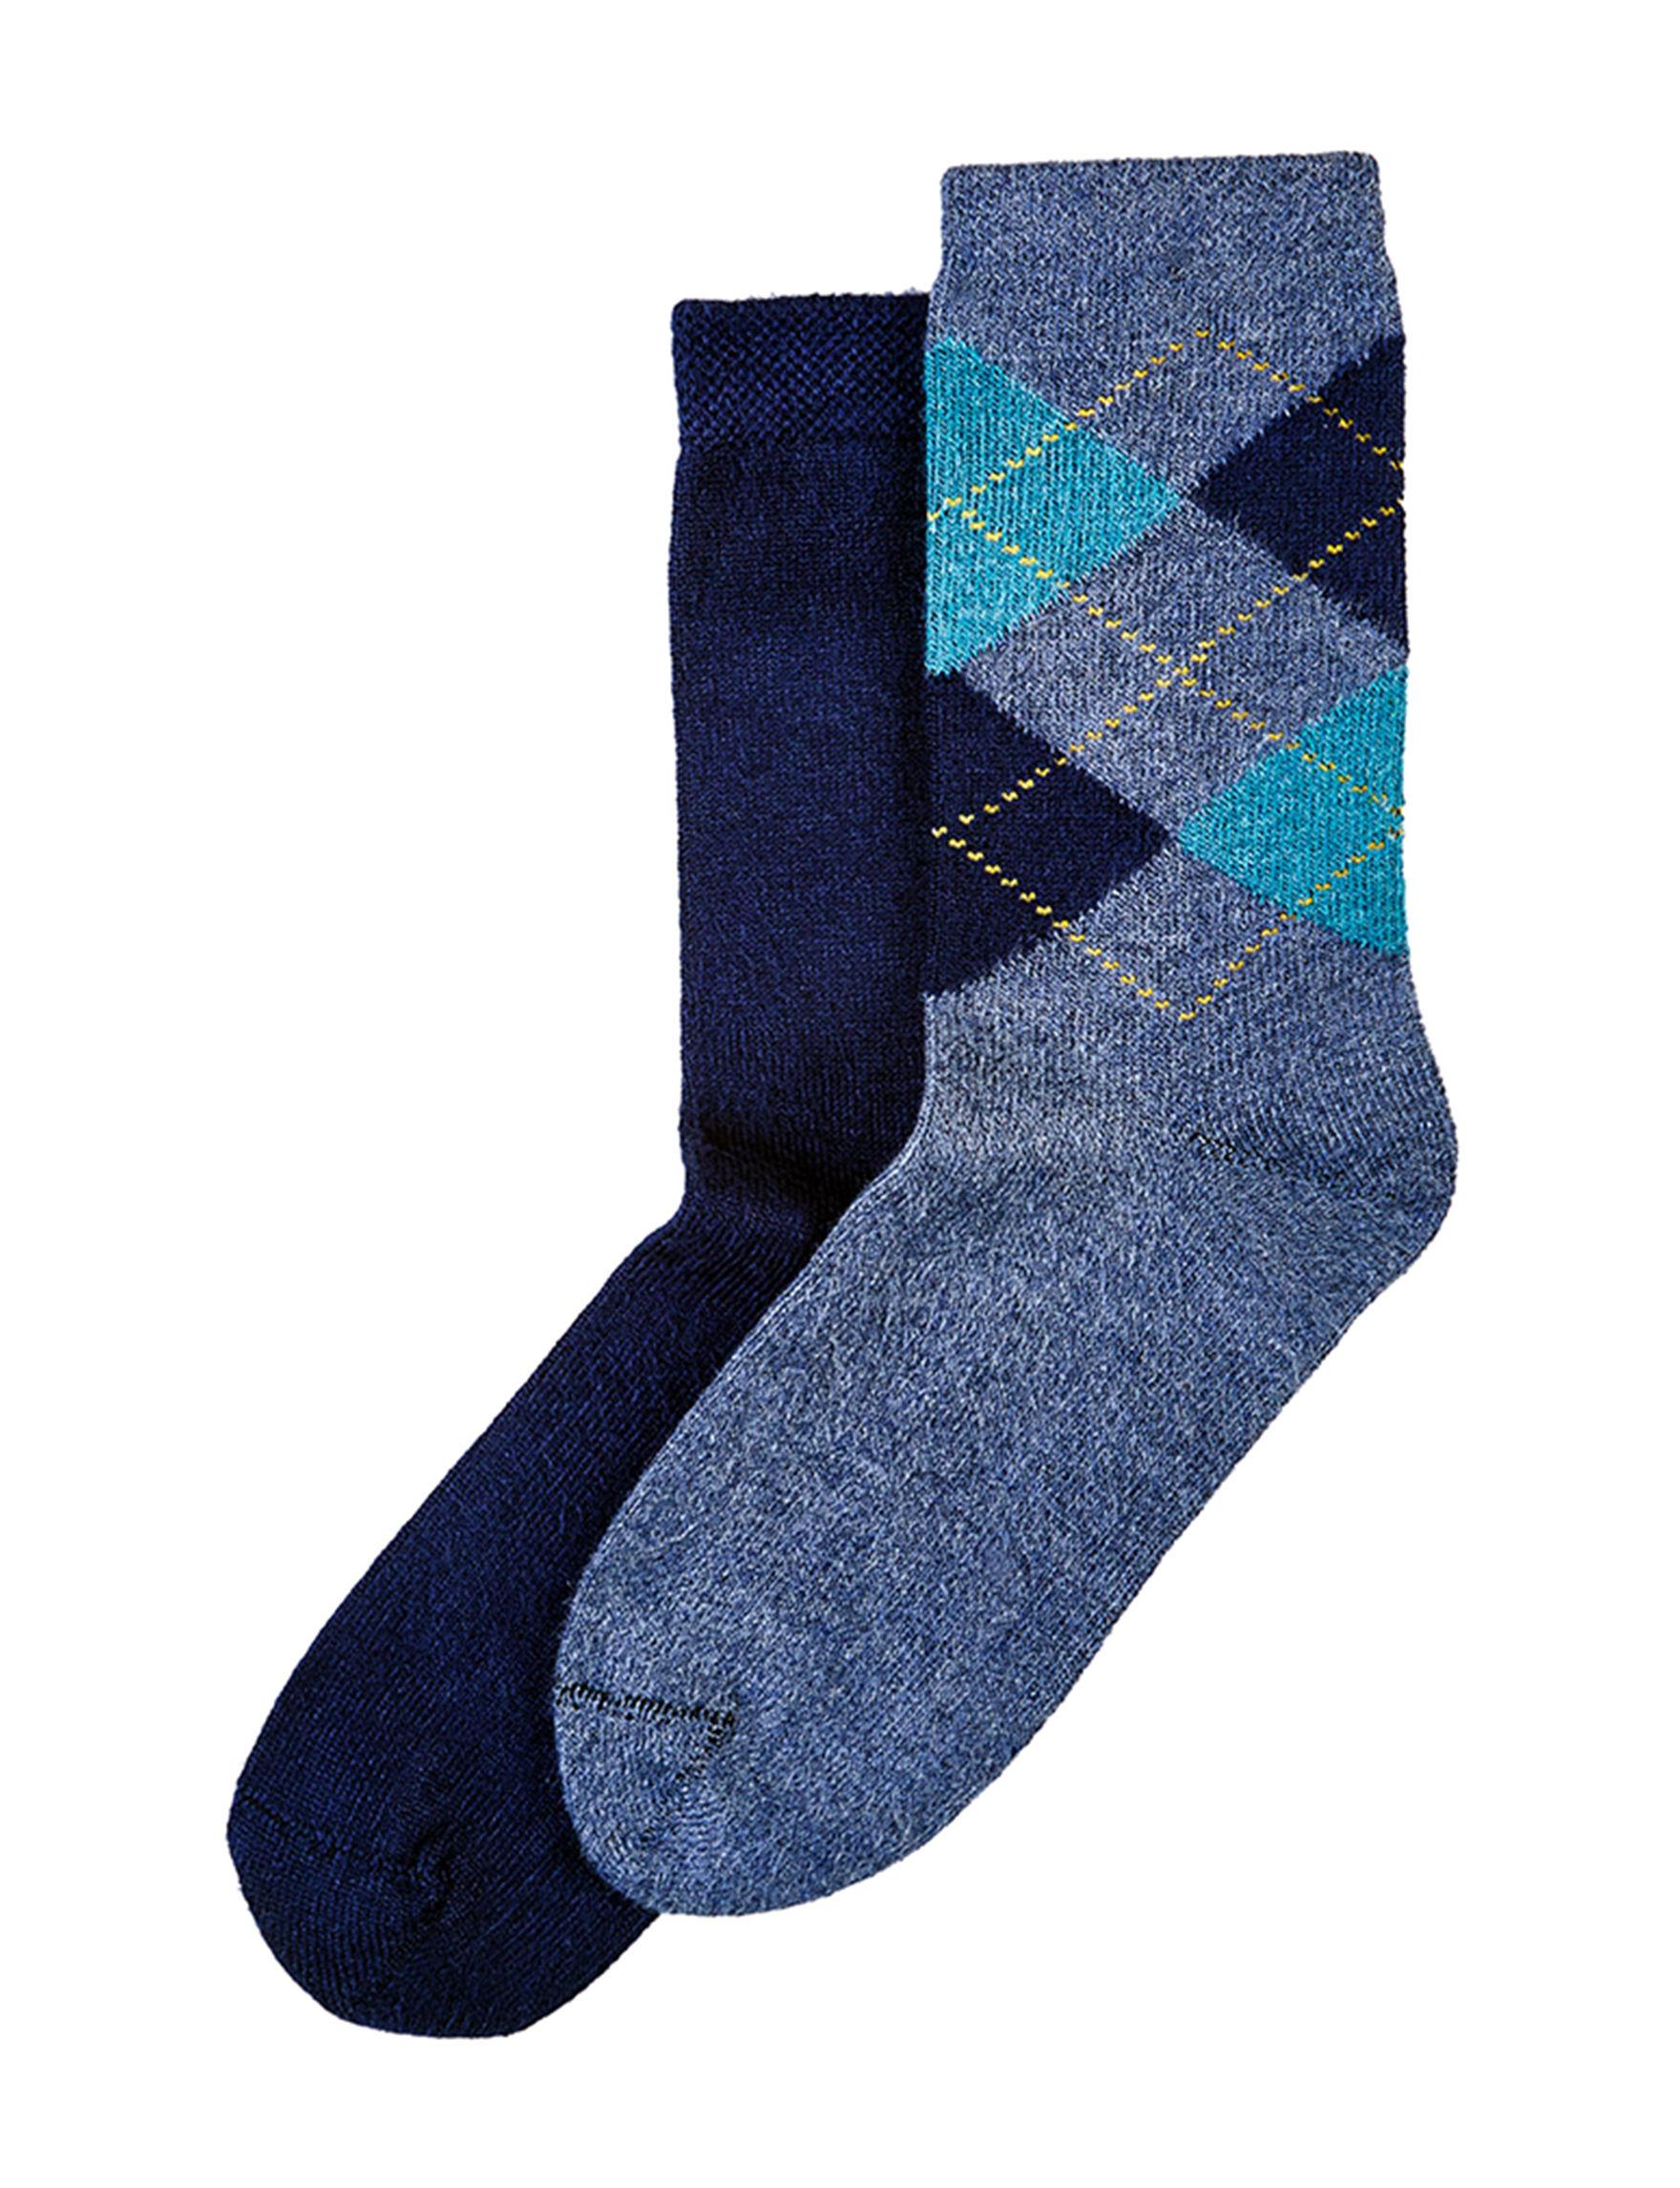 Hue Heather Blue Socks